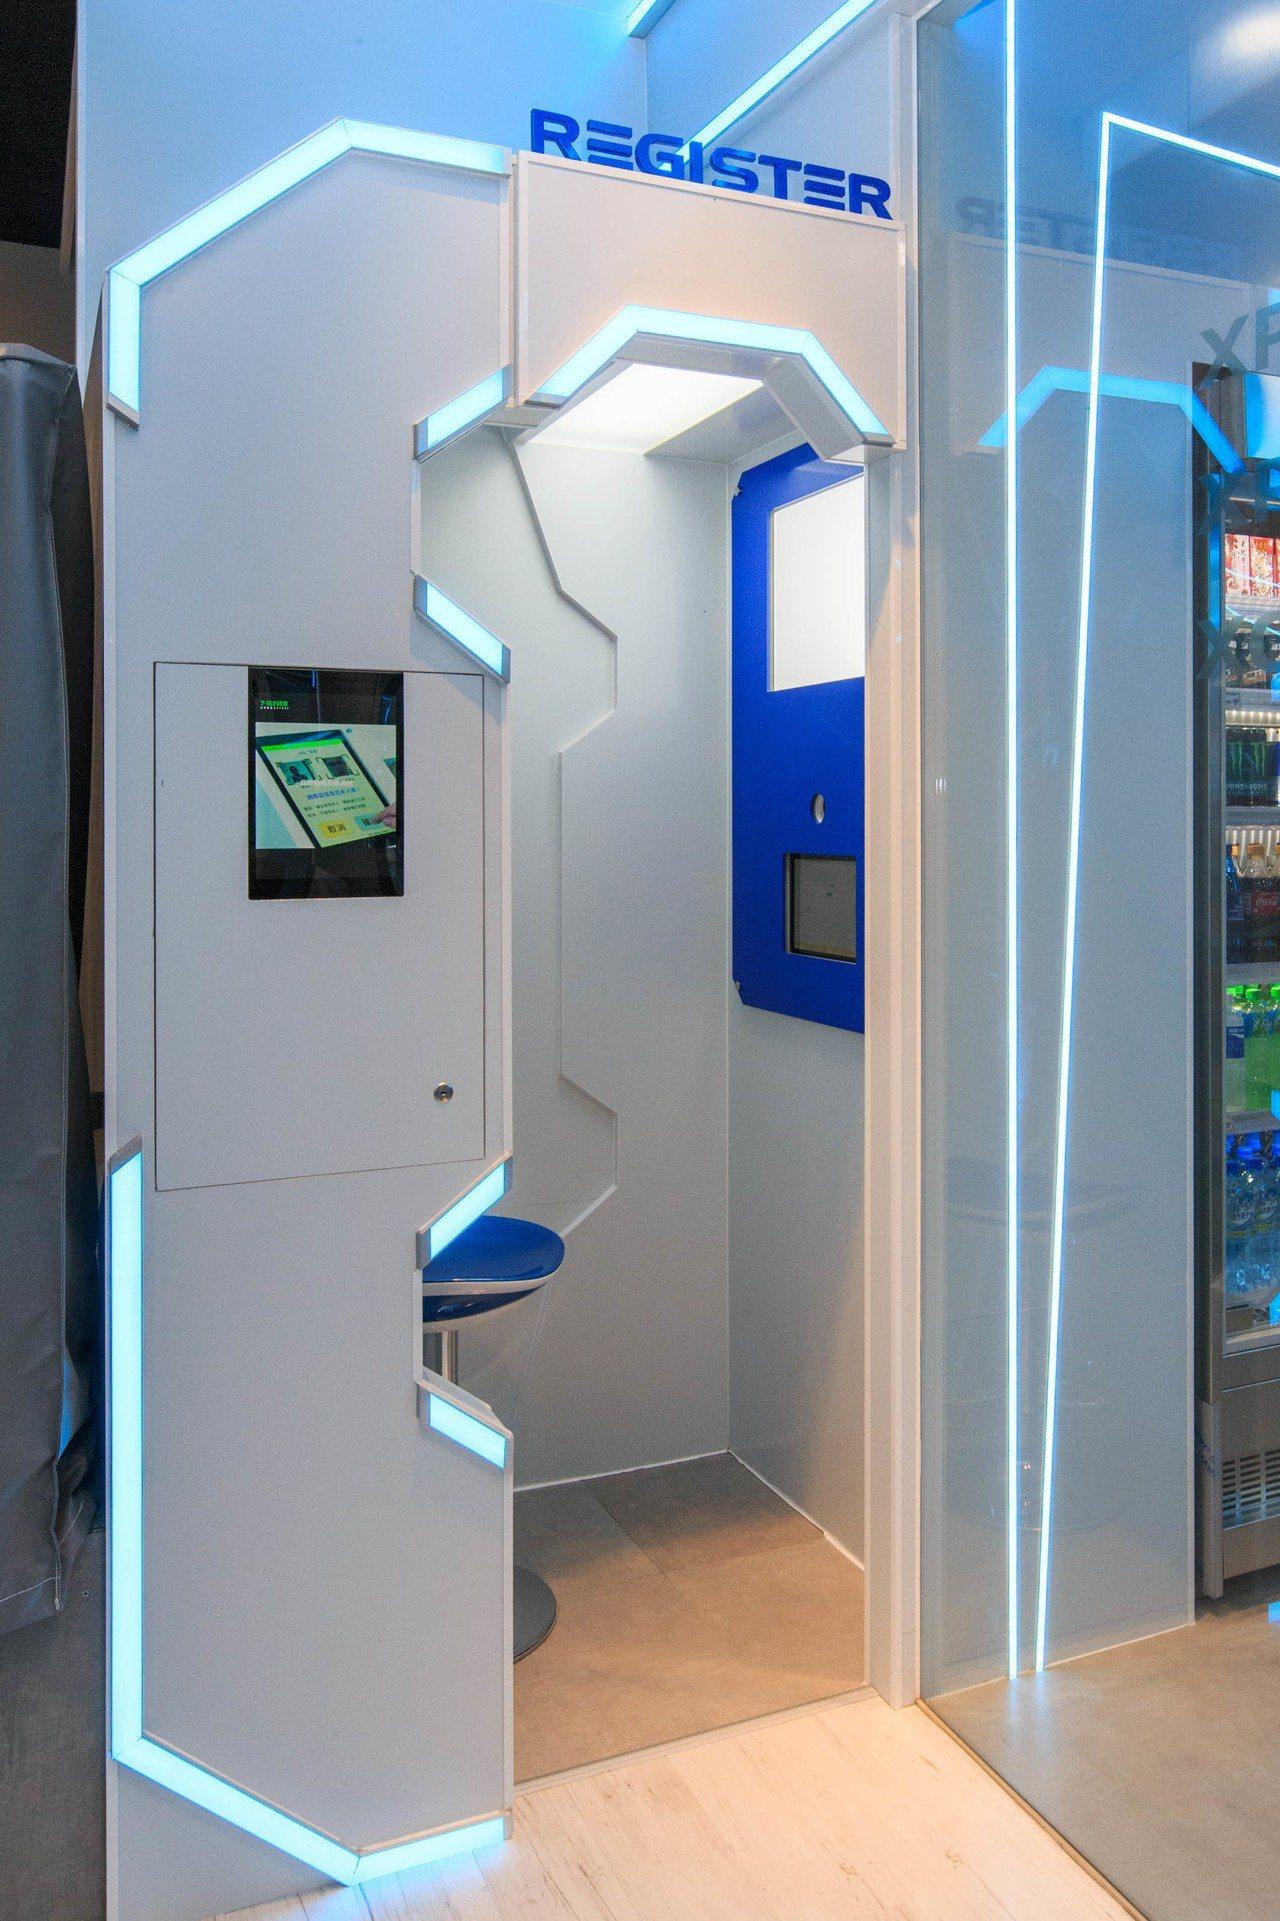 「X-Store」入口旁設置「太空艙」為消費者資料登錄區,其中介接現有OPENP...